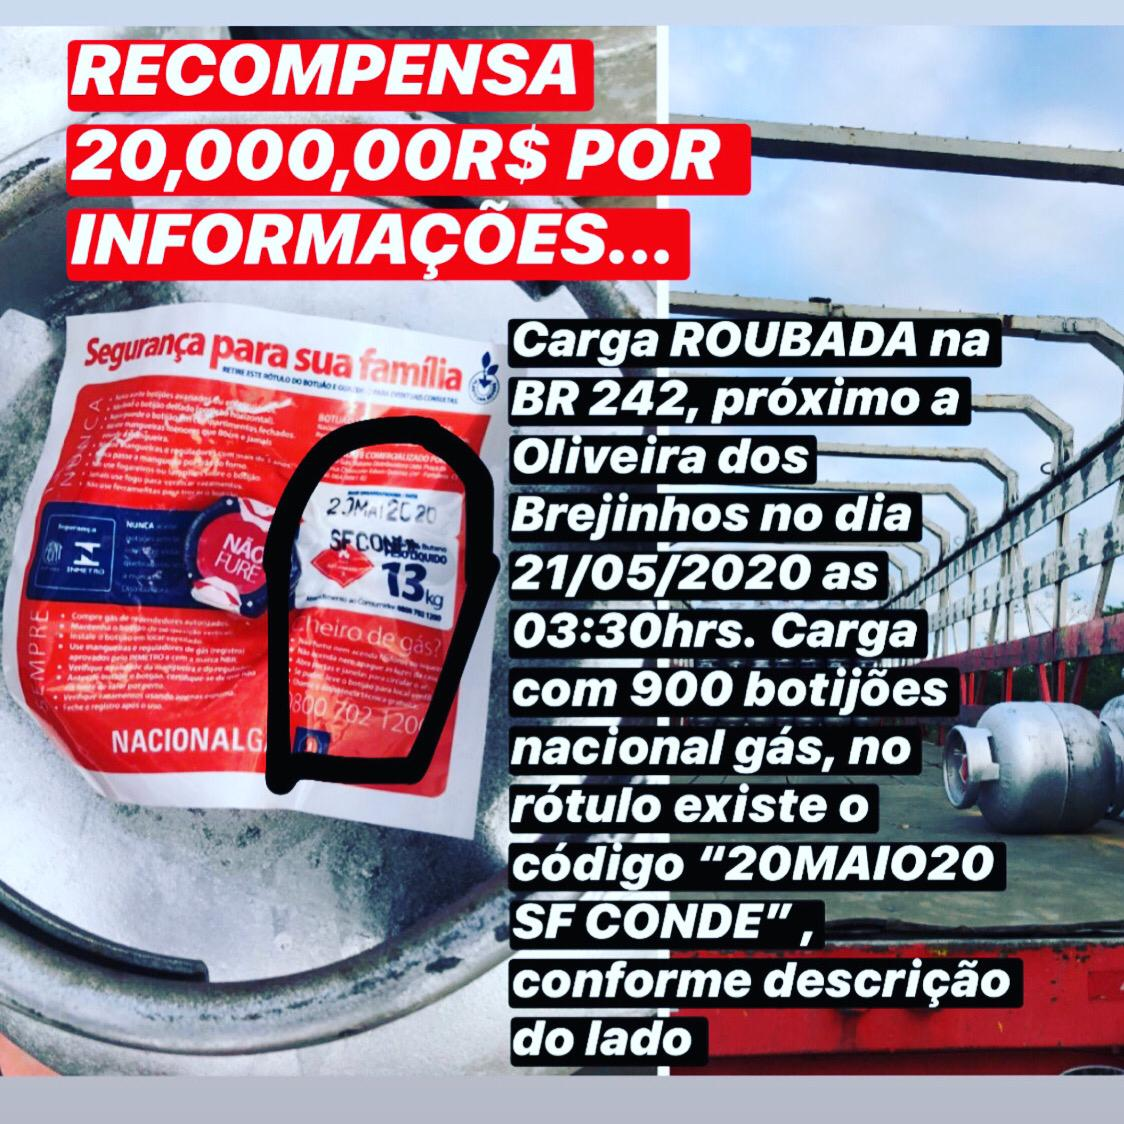 Proprietário tenta recuperar carga roubada de 900 botijões de gás na BR/242 próximo a Oliveira dos Brejinhos/BA; recompensa R$ 20 mil